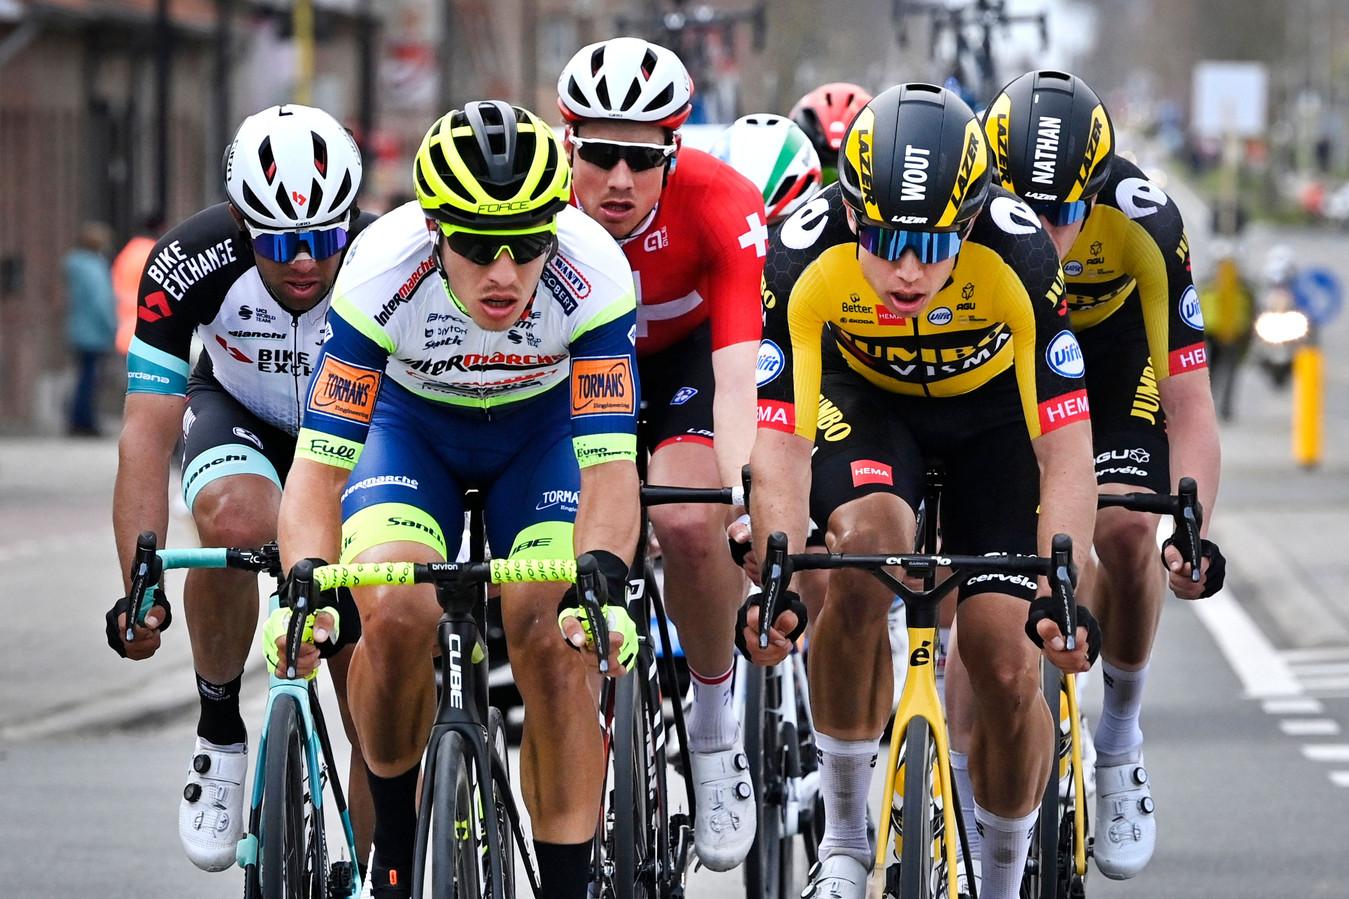 Danny van Poppel (links) zat zondag mee in de kopgroep van de dag, van waaruit Wout van  Aert (rechts) uiteindelijk de koers won.